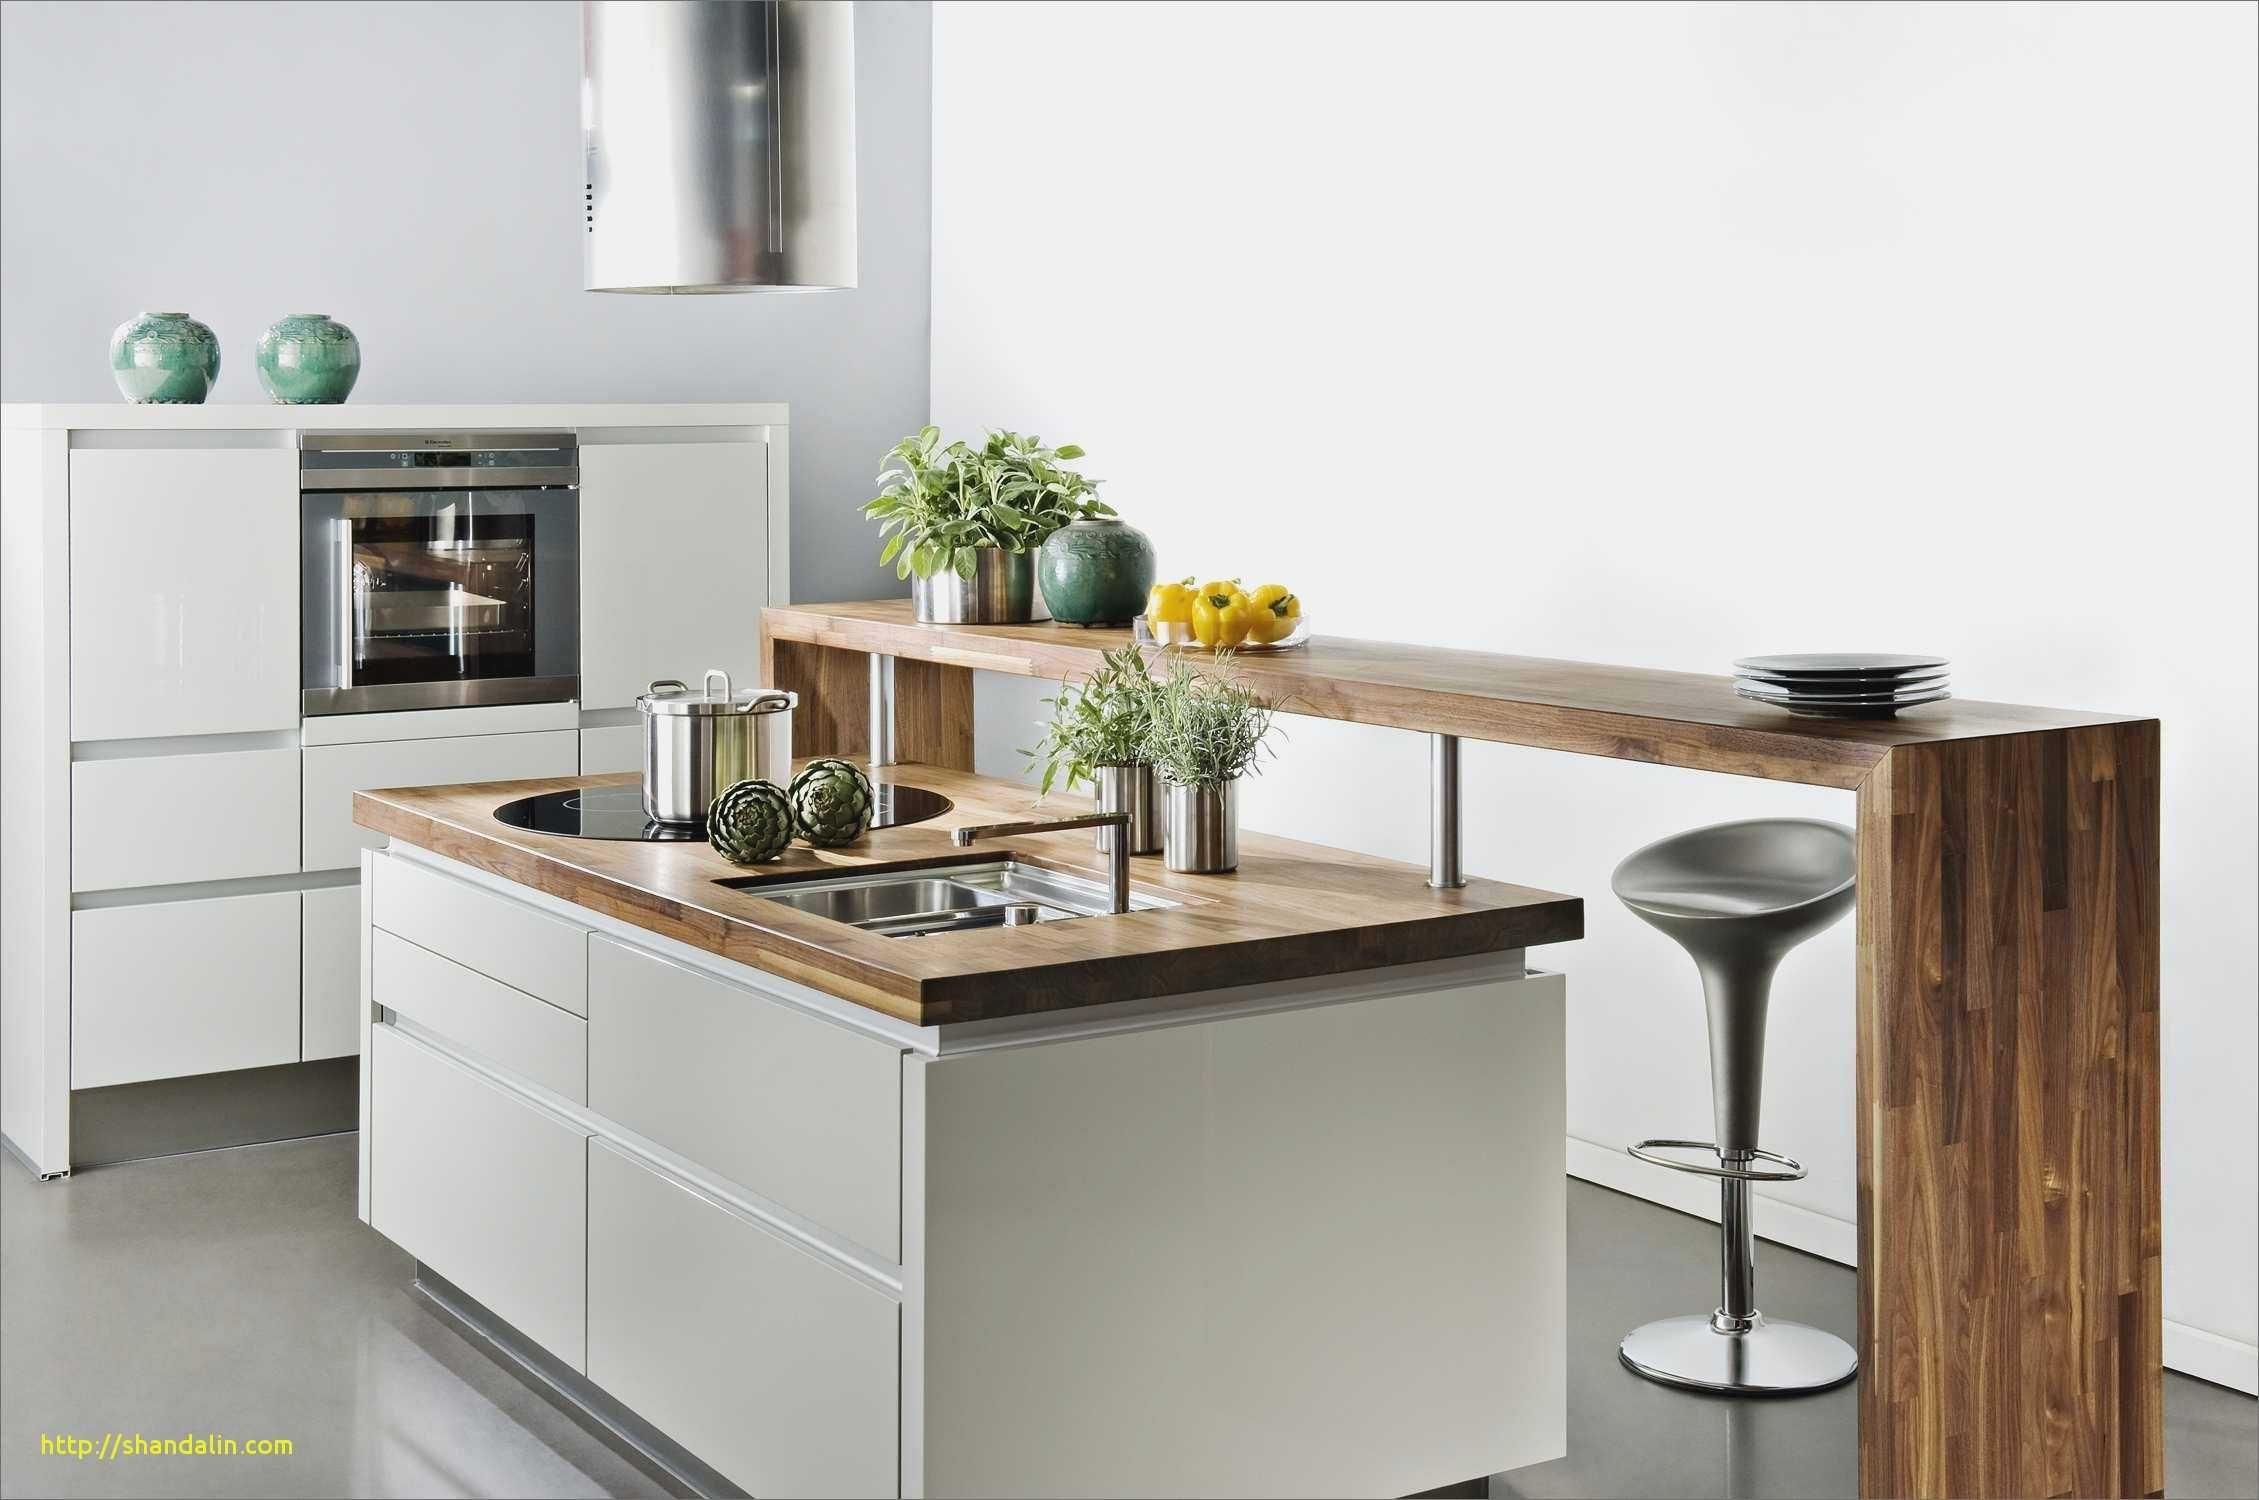 Cuisines Cuisine Arrondie Ikea Cuisine Arrondie Schmidt